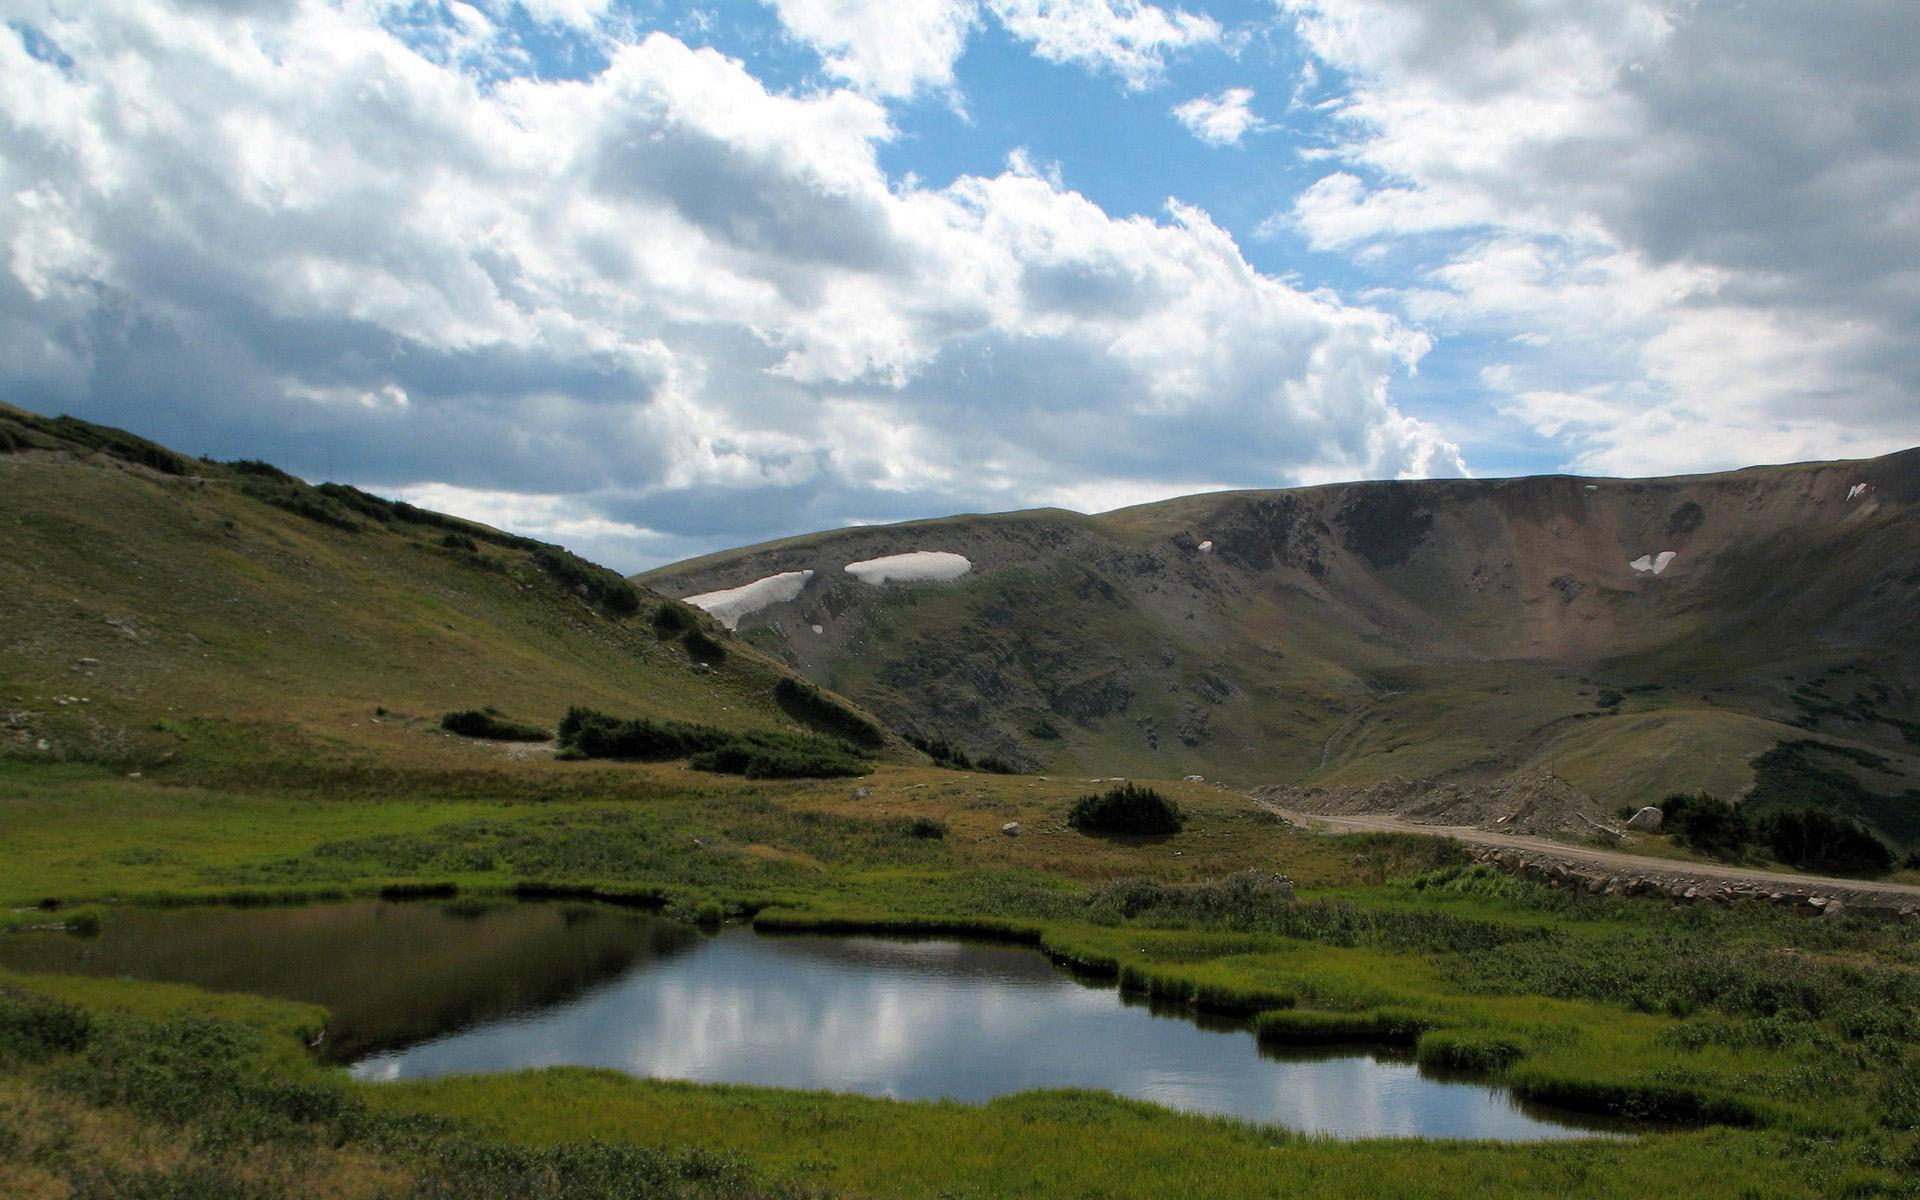 широкоэкранные обои - Маленькое озеро в горах